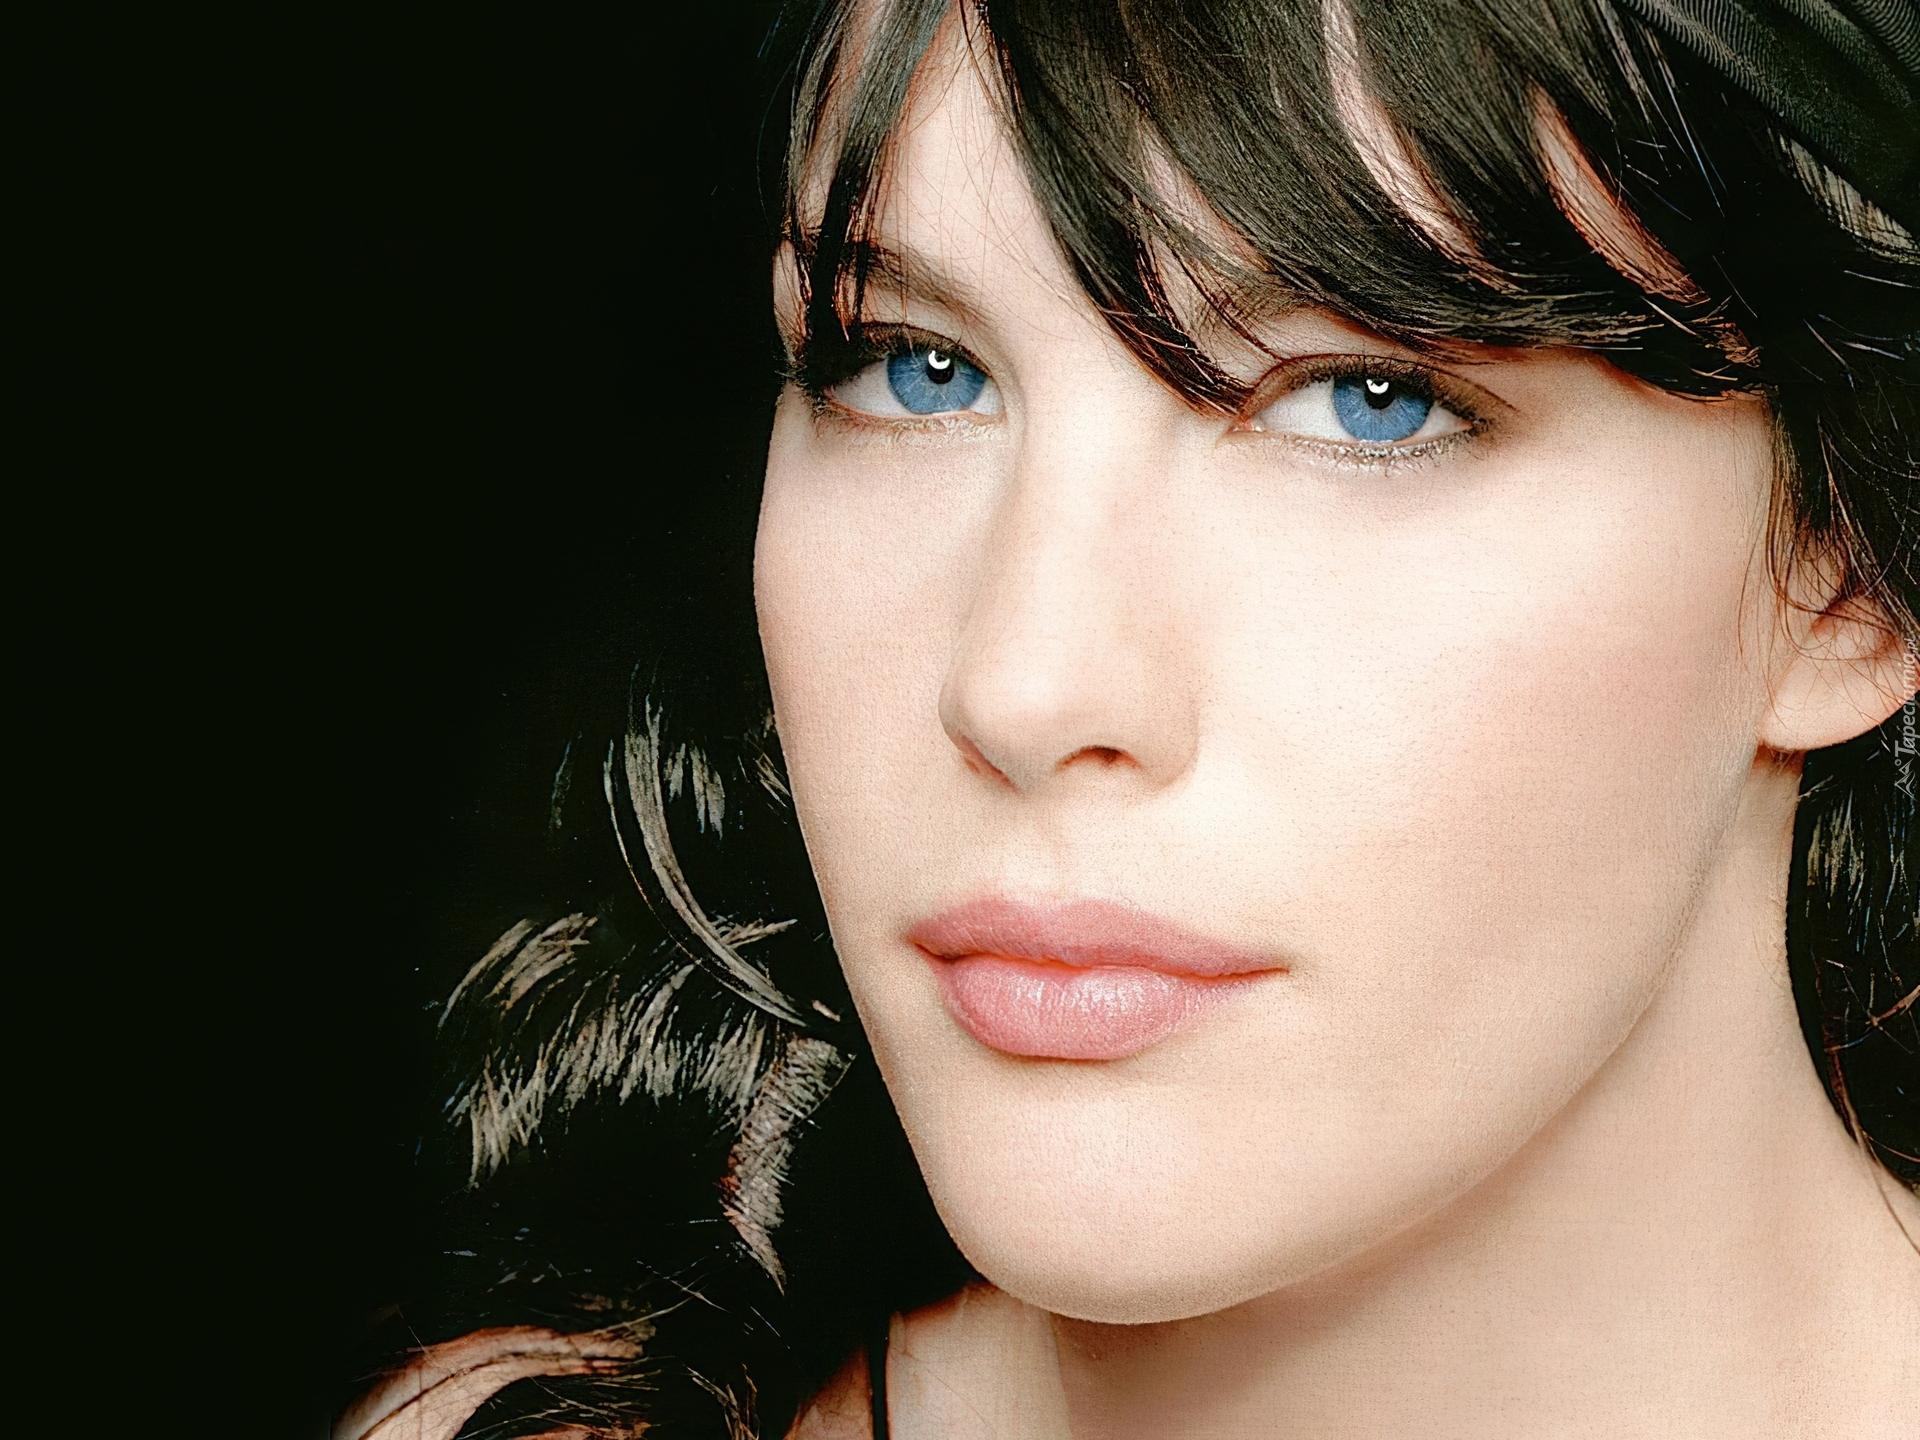 16161 niebieskie oczy liv tyler jpg Liv Tyler